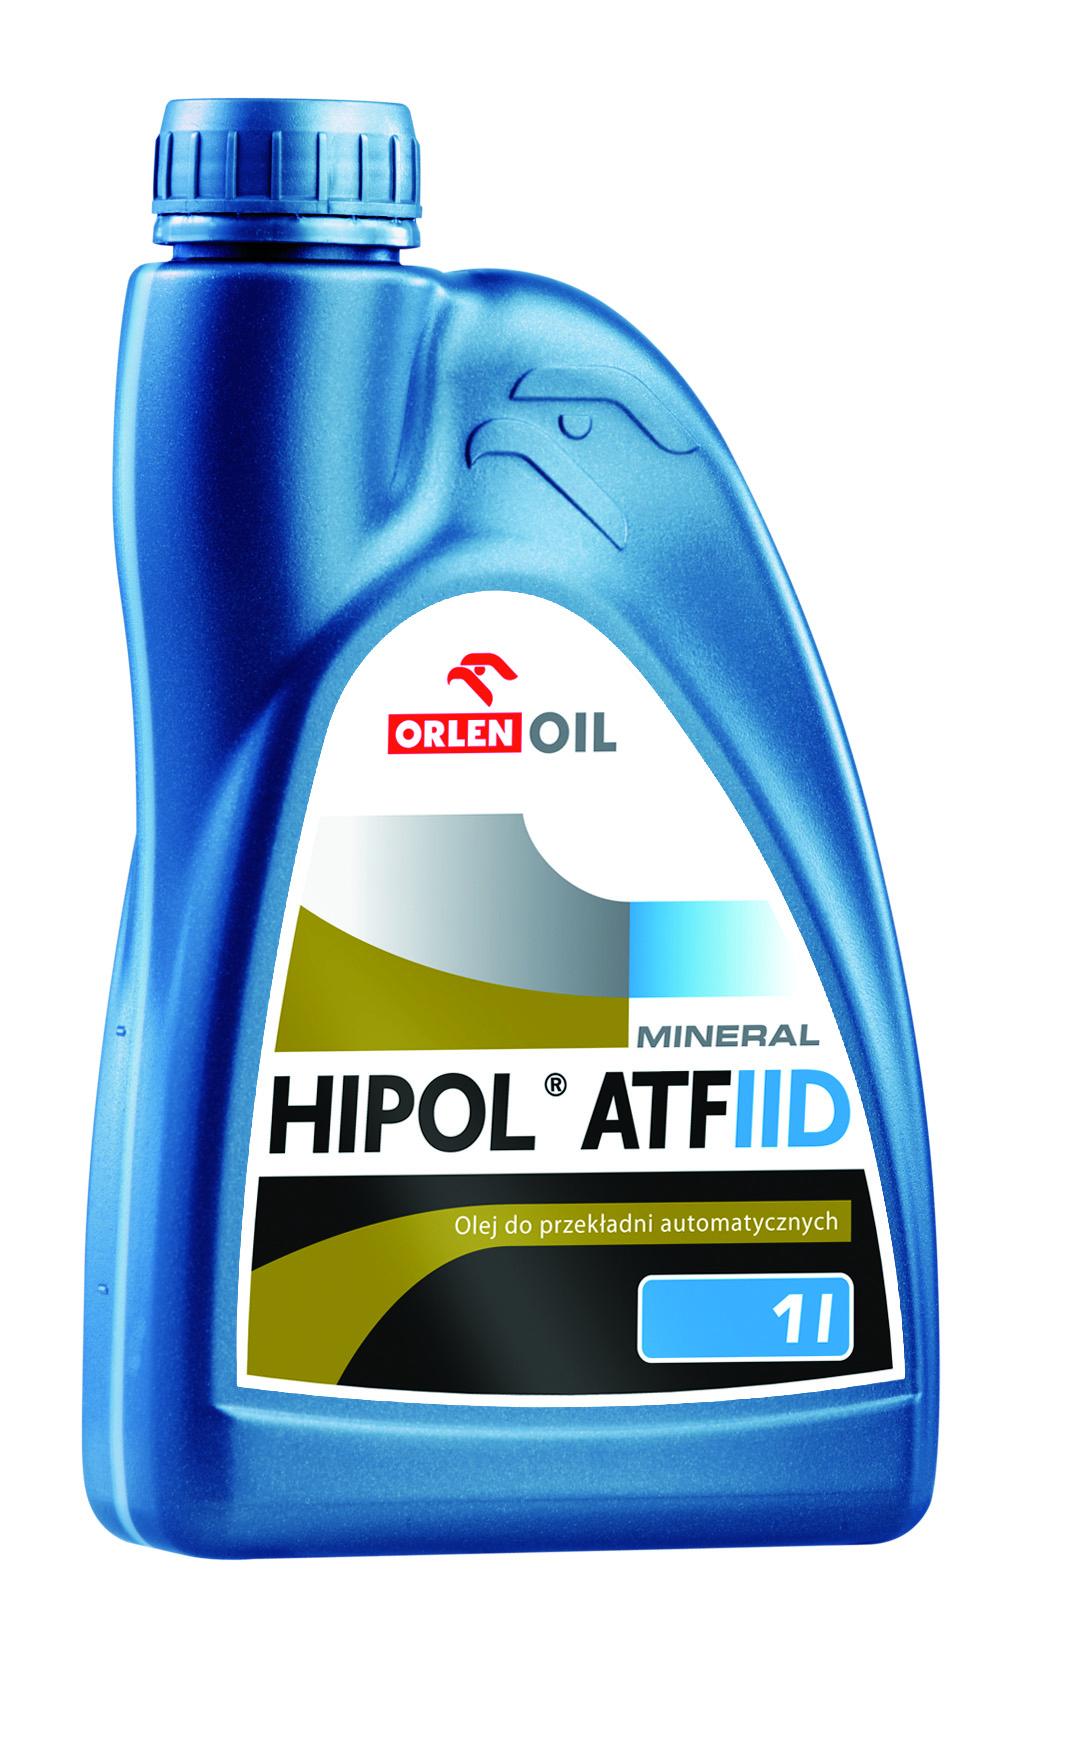 ORLEN OIL HIPOL ATF II D    1L